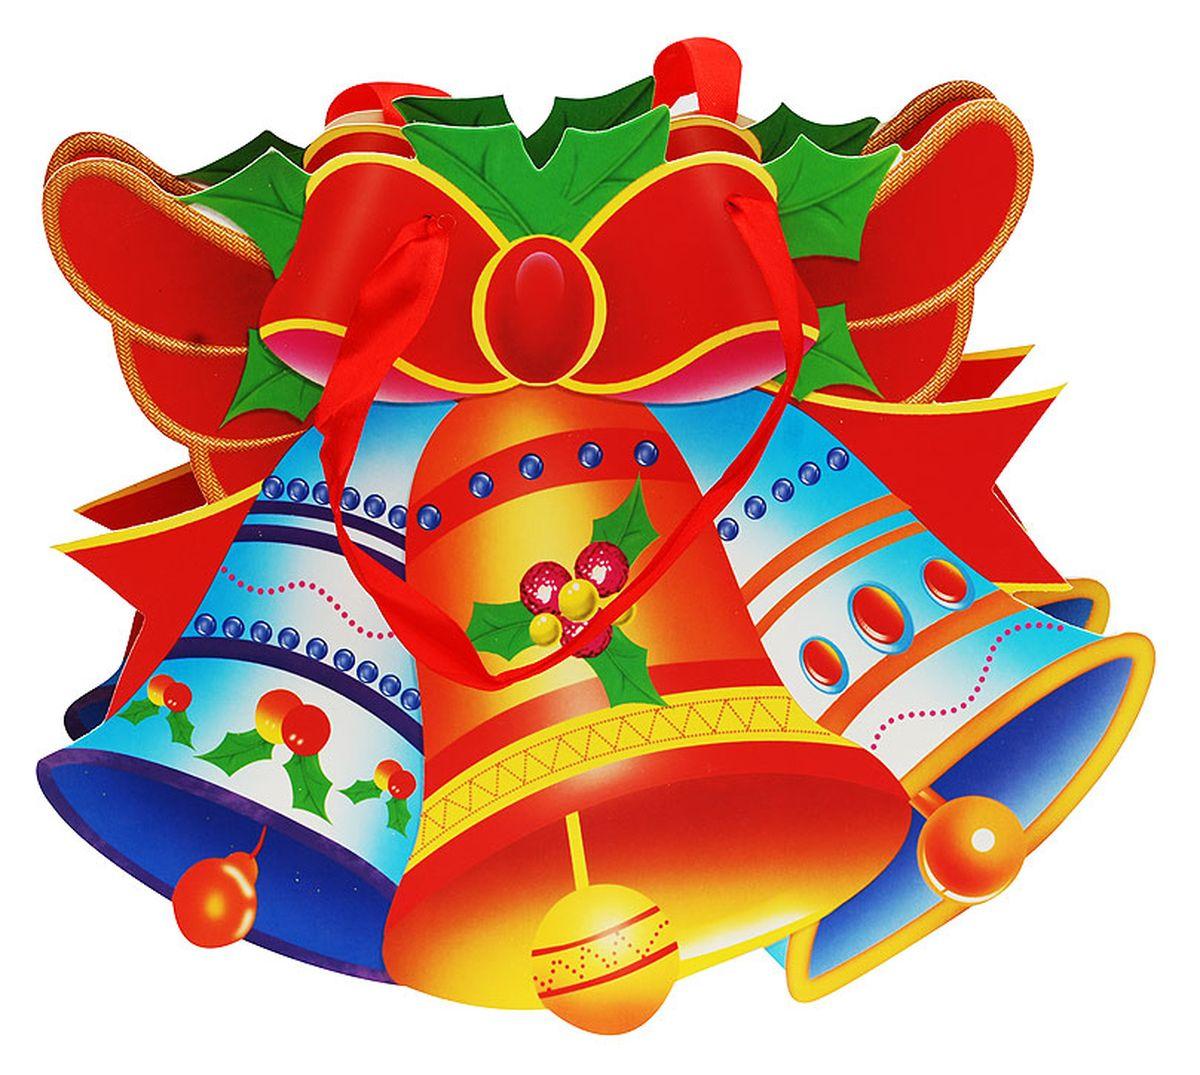 Пакет подарочный Белоснежка Волшебные колокольчики, 25 х 26 х 8 см1491-SBПодарочный пакет Волшебные колокольчики выполнен из качественной плотной бумаги с хорошей печатью, объемные элементы на пакете придают дополнительный яркий акцент.